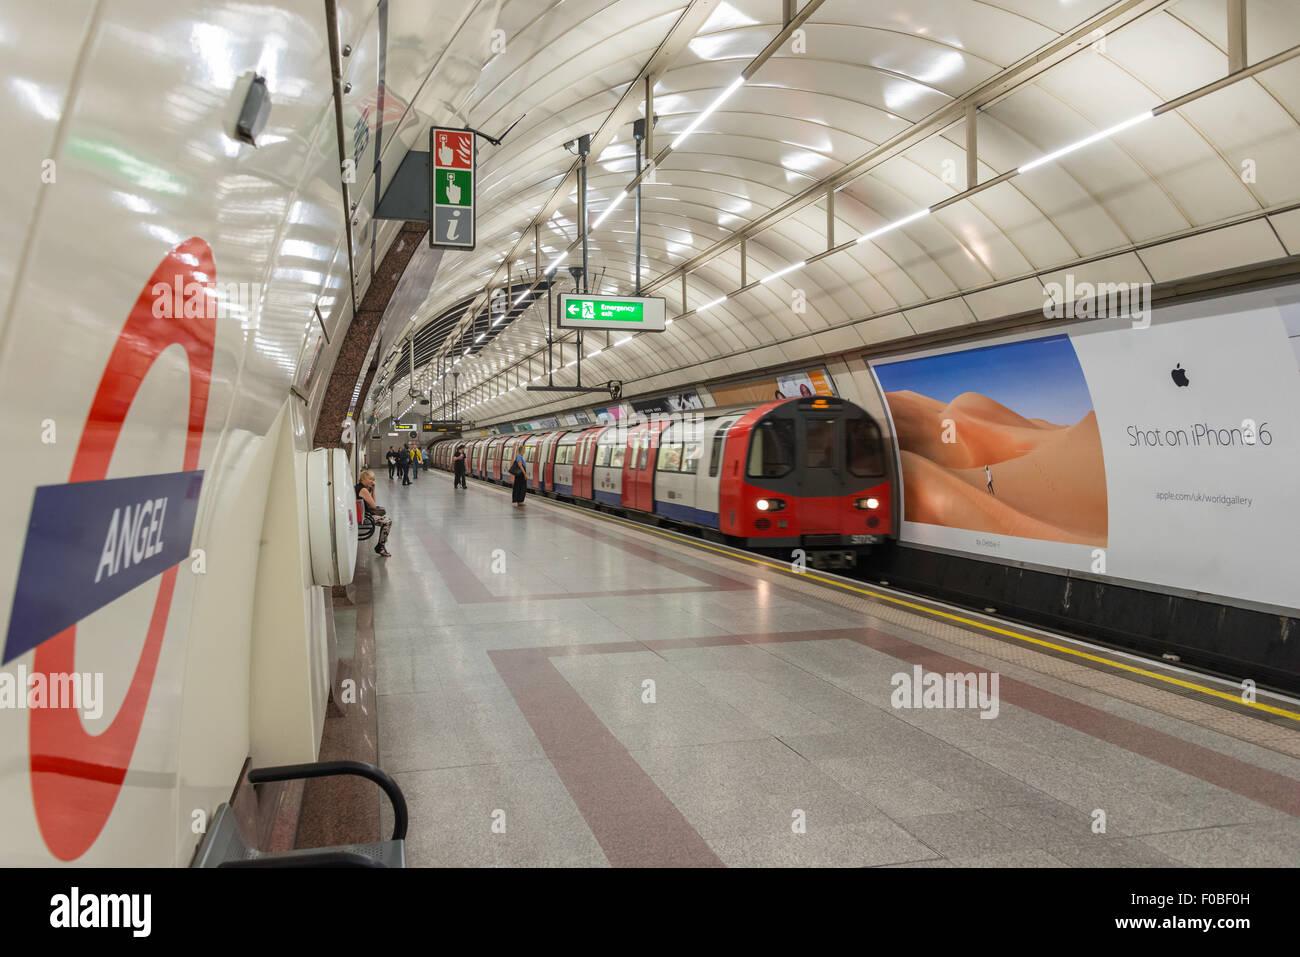 Angel Underground Station platform, Islington, London Borough of Islington, London, England, United Kingdom - Stock Image